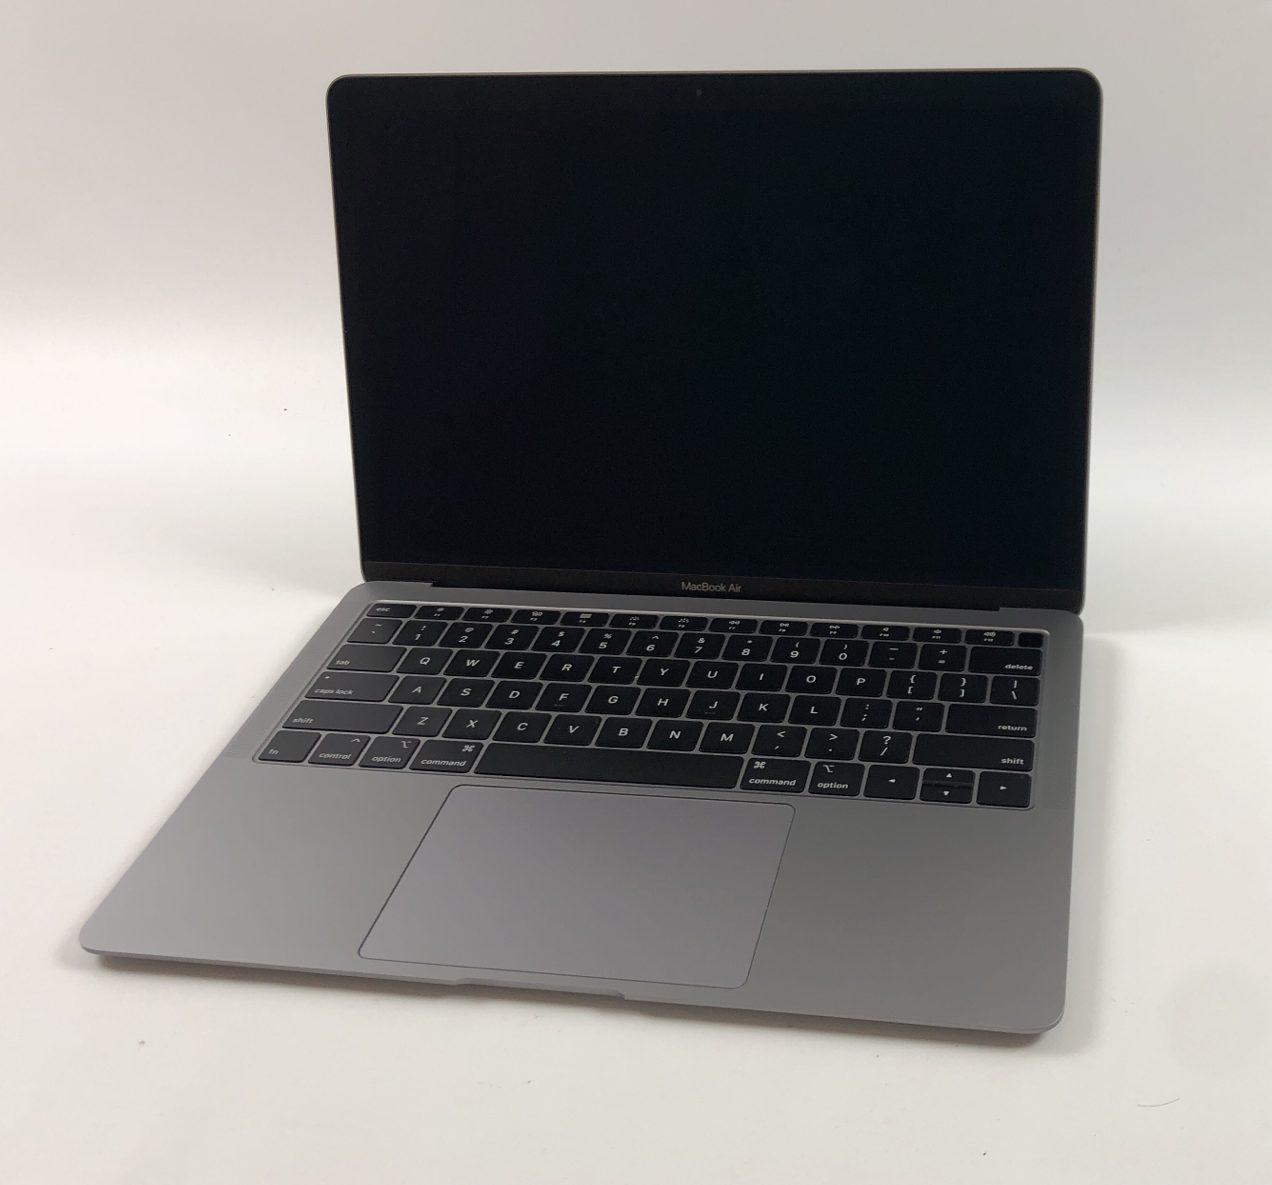 """MacBook Air 13"""" Late 2018 (Intel Core i5 1.6 GHz 16 GB RAM 512 GB SSD), Space Gray, Intel Core i5 1.6 GHz, 16 GB RAM, 512 GB SSD, bild 1"""